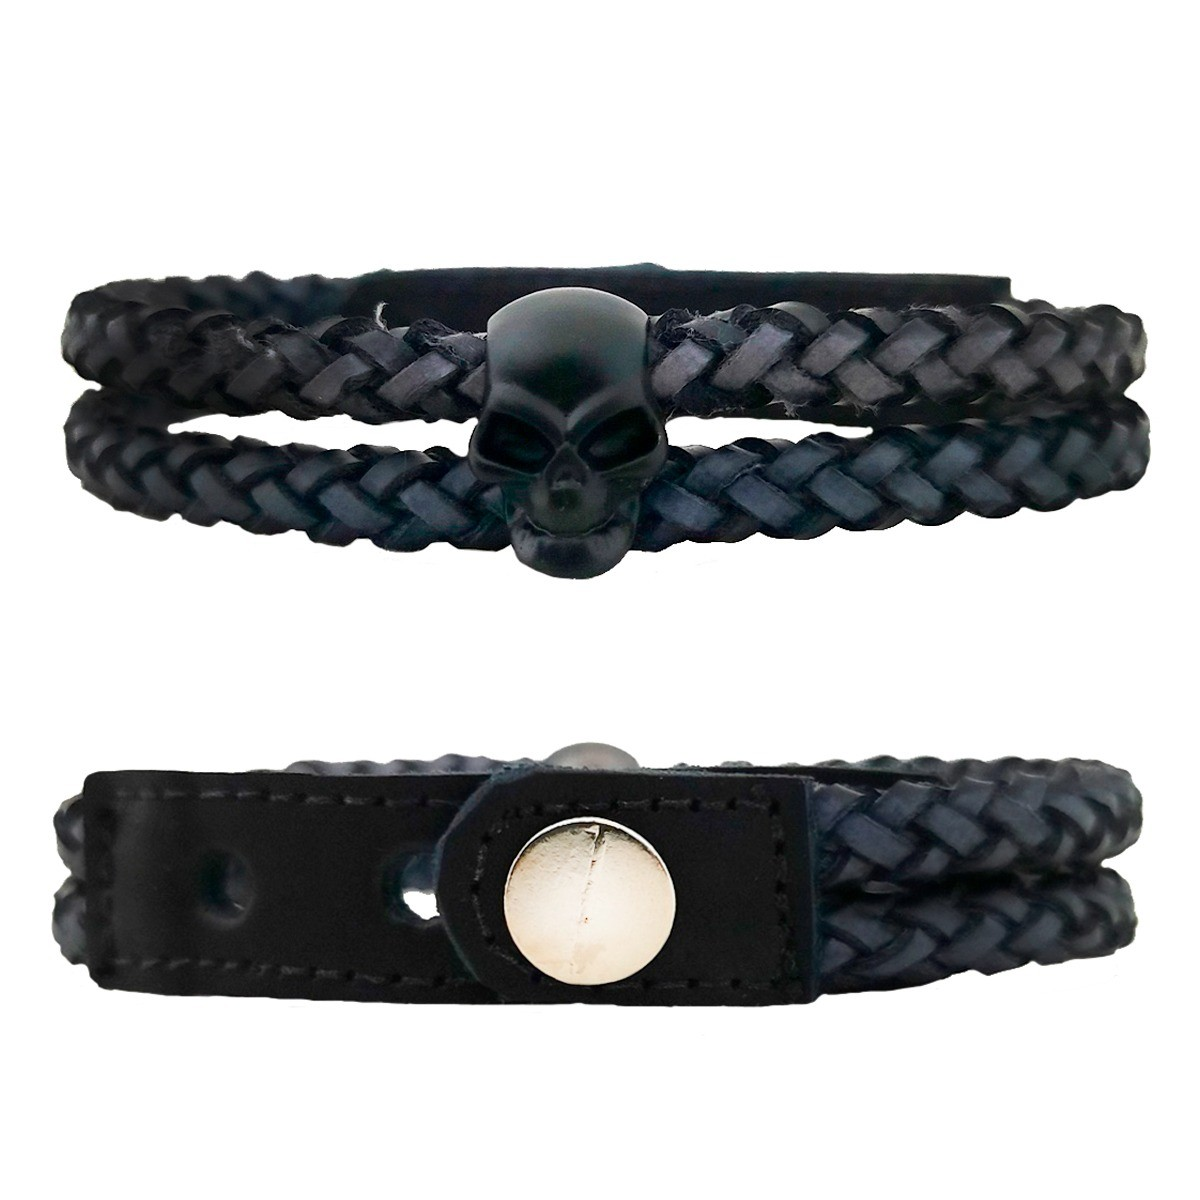 luvas de Couro proteção 1/2 dedo + pulseira caveira preto